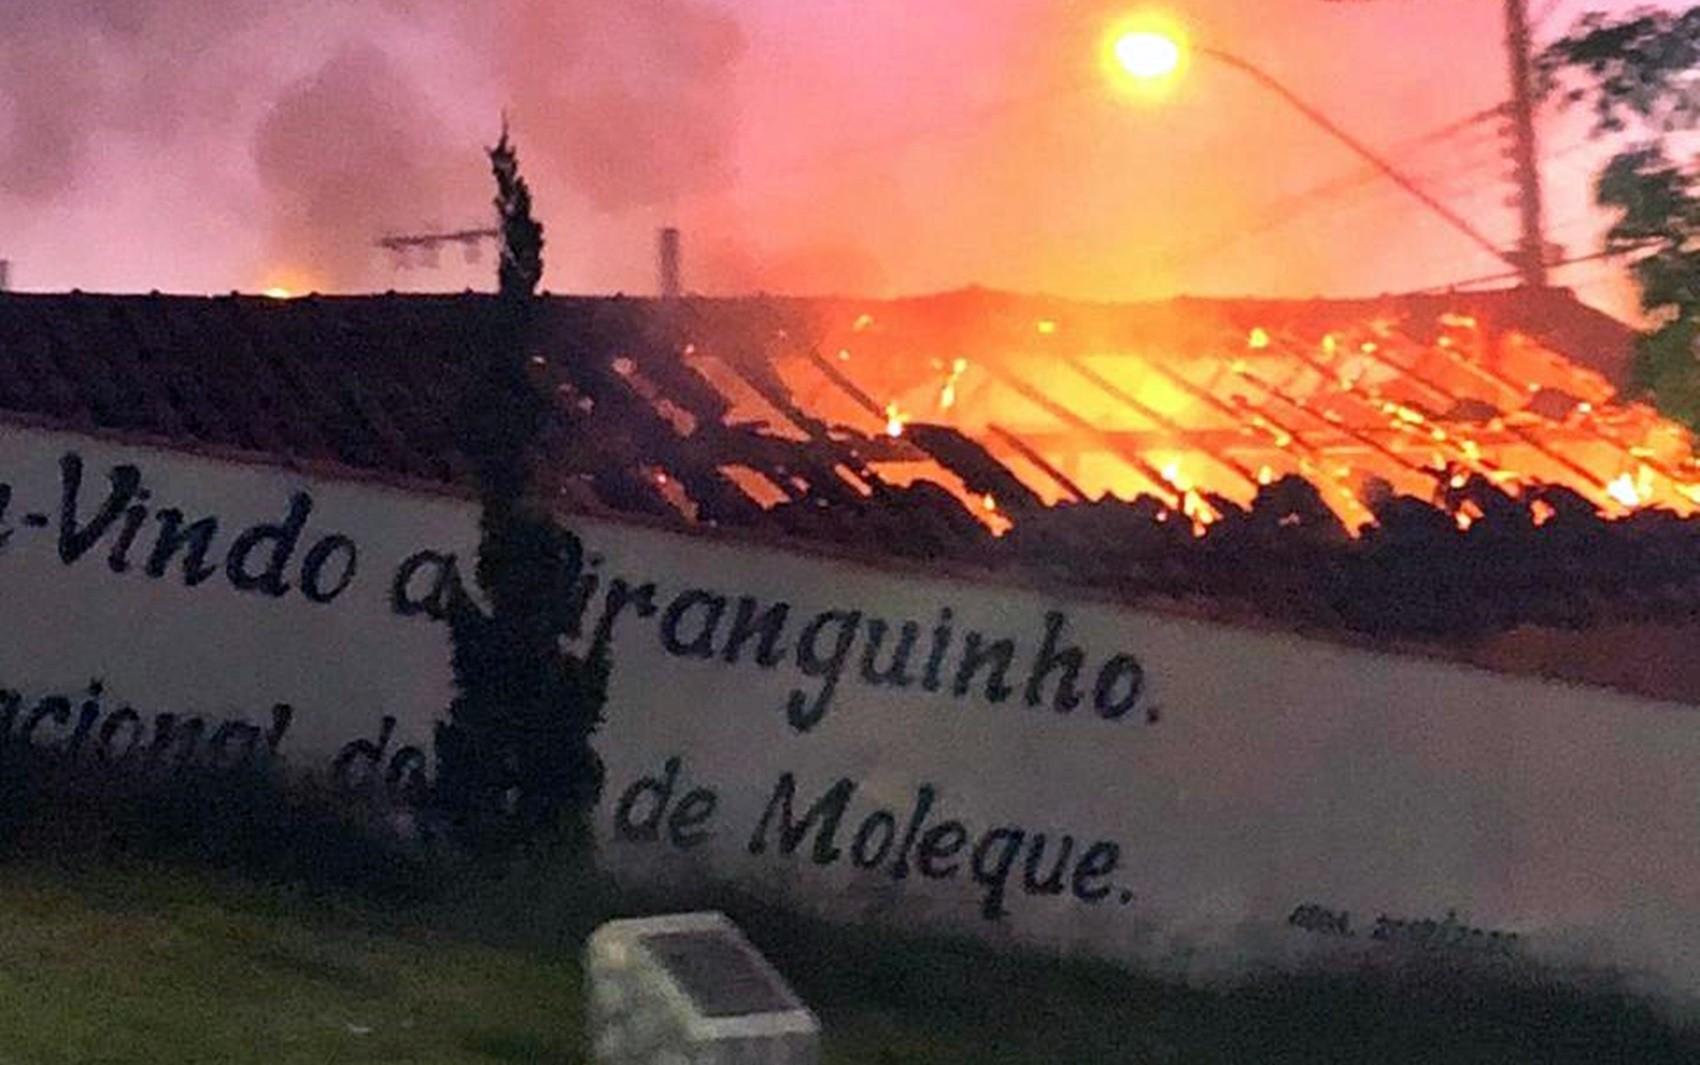 Casa pega fogo e morador é resgatado por vizinhos em Piranguinho, MG